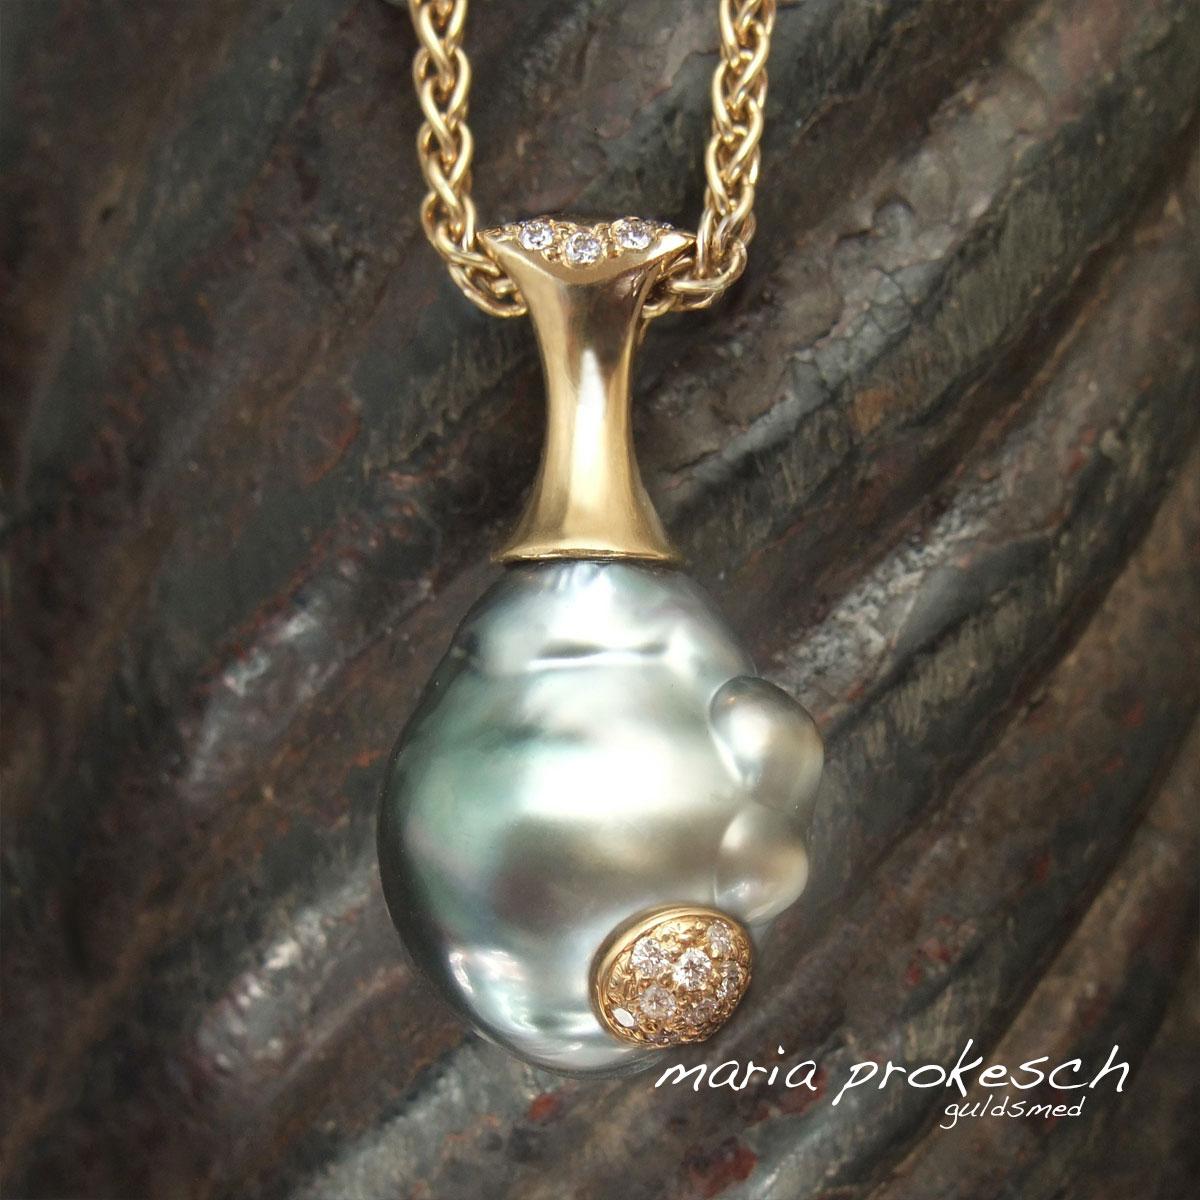 Barok tahitiperle med bobler. Guldvedhænget i 18 kt har et eksklusivt udtryk, hvor perlens naturlige ujævnheder er en del af designet.